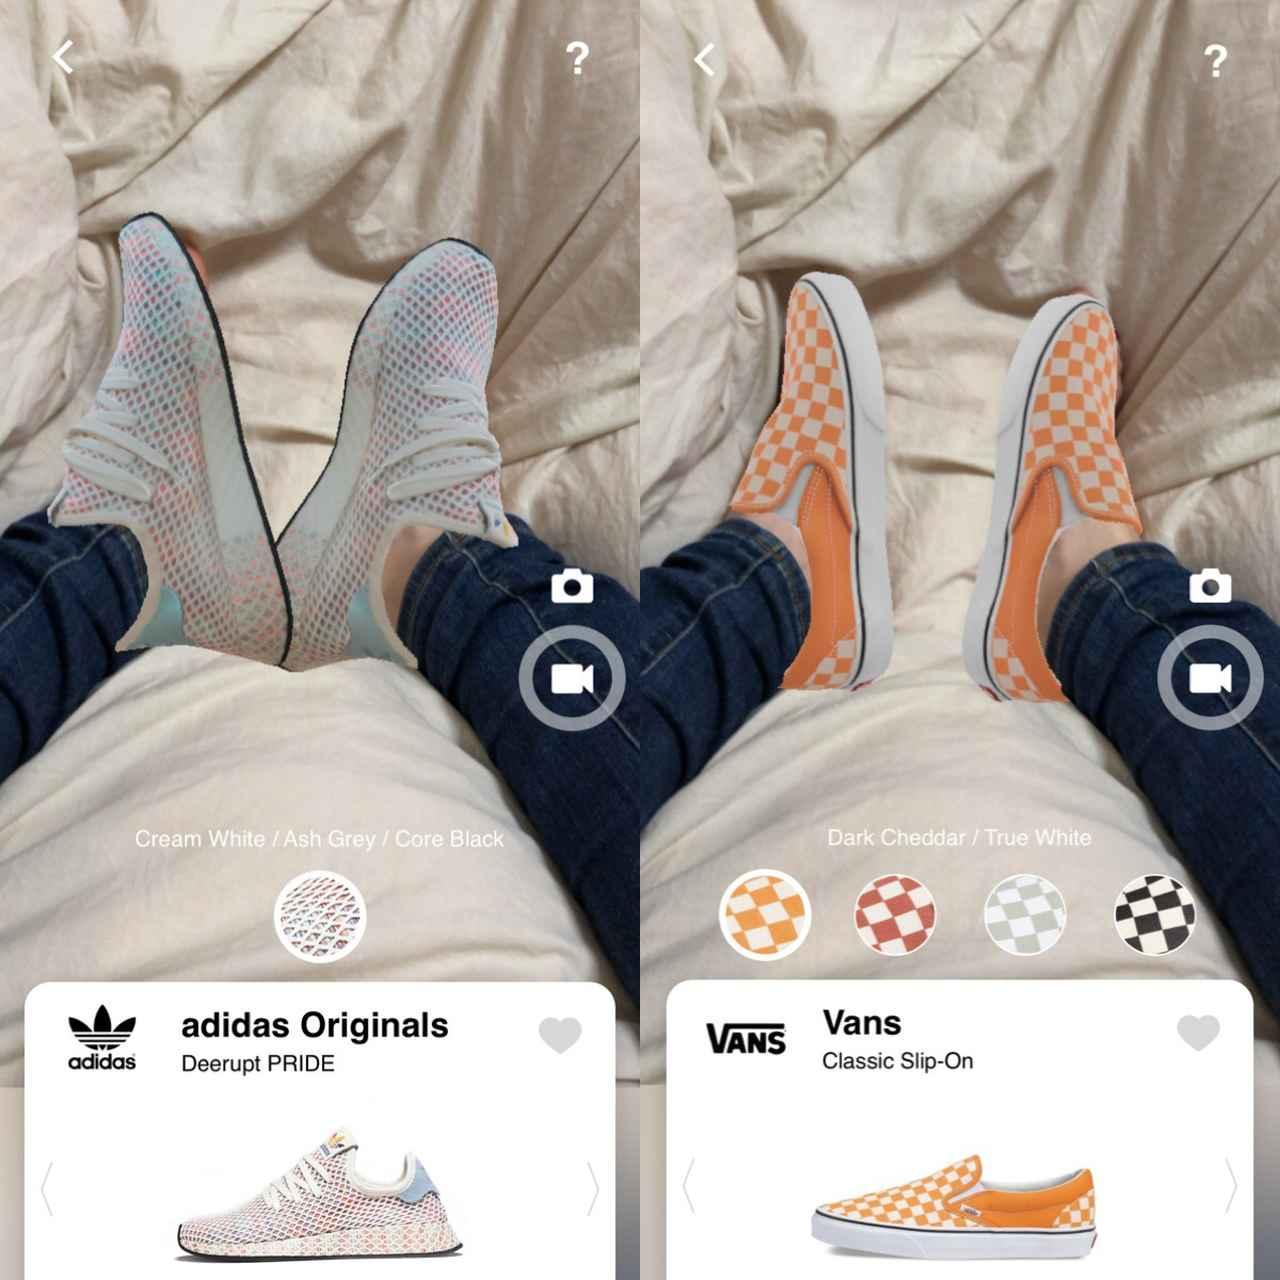 画像1: 似合うものを見つけてつい欲しくなる!靴下とのコーディネートも試してみて。